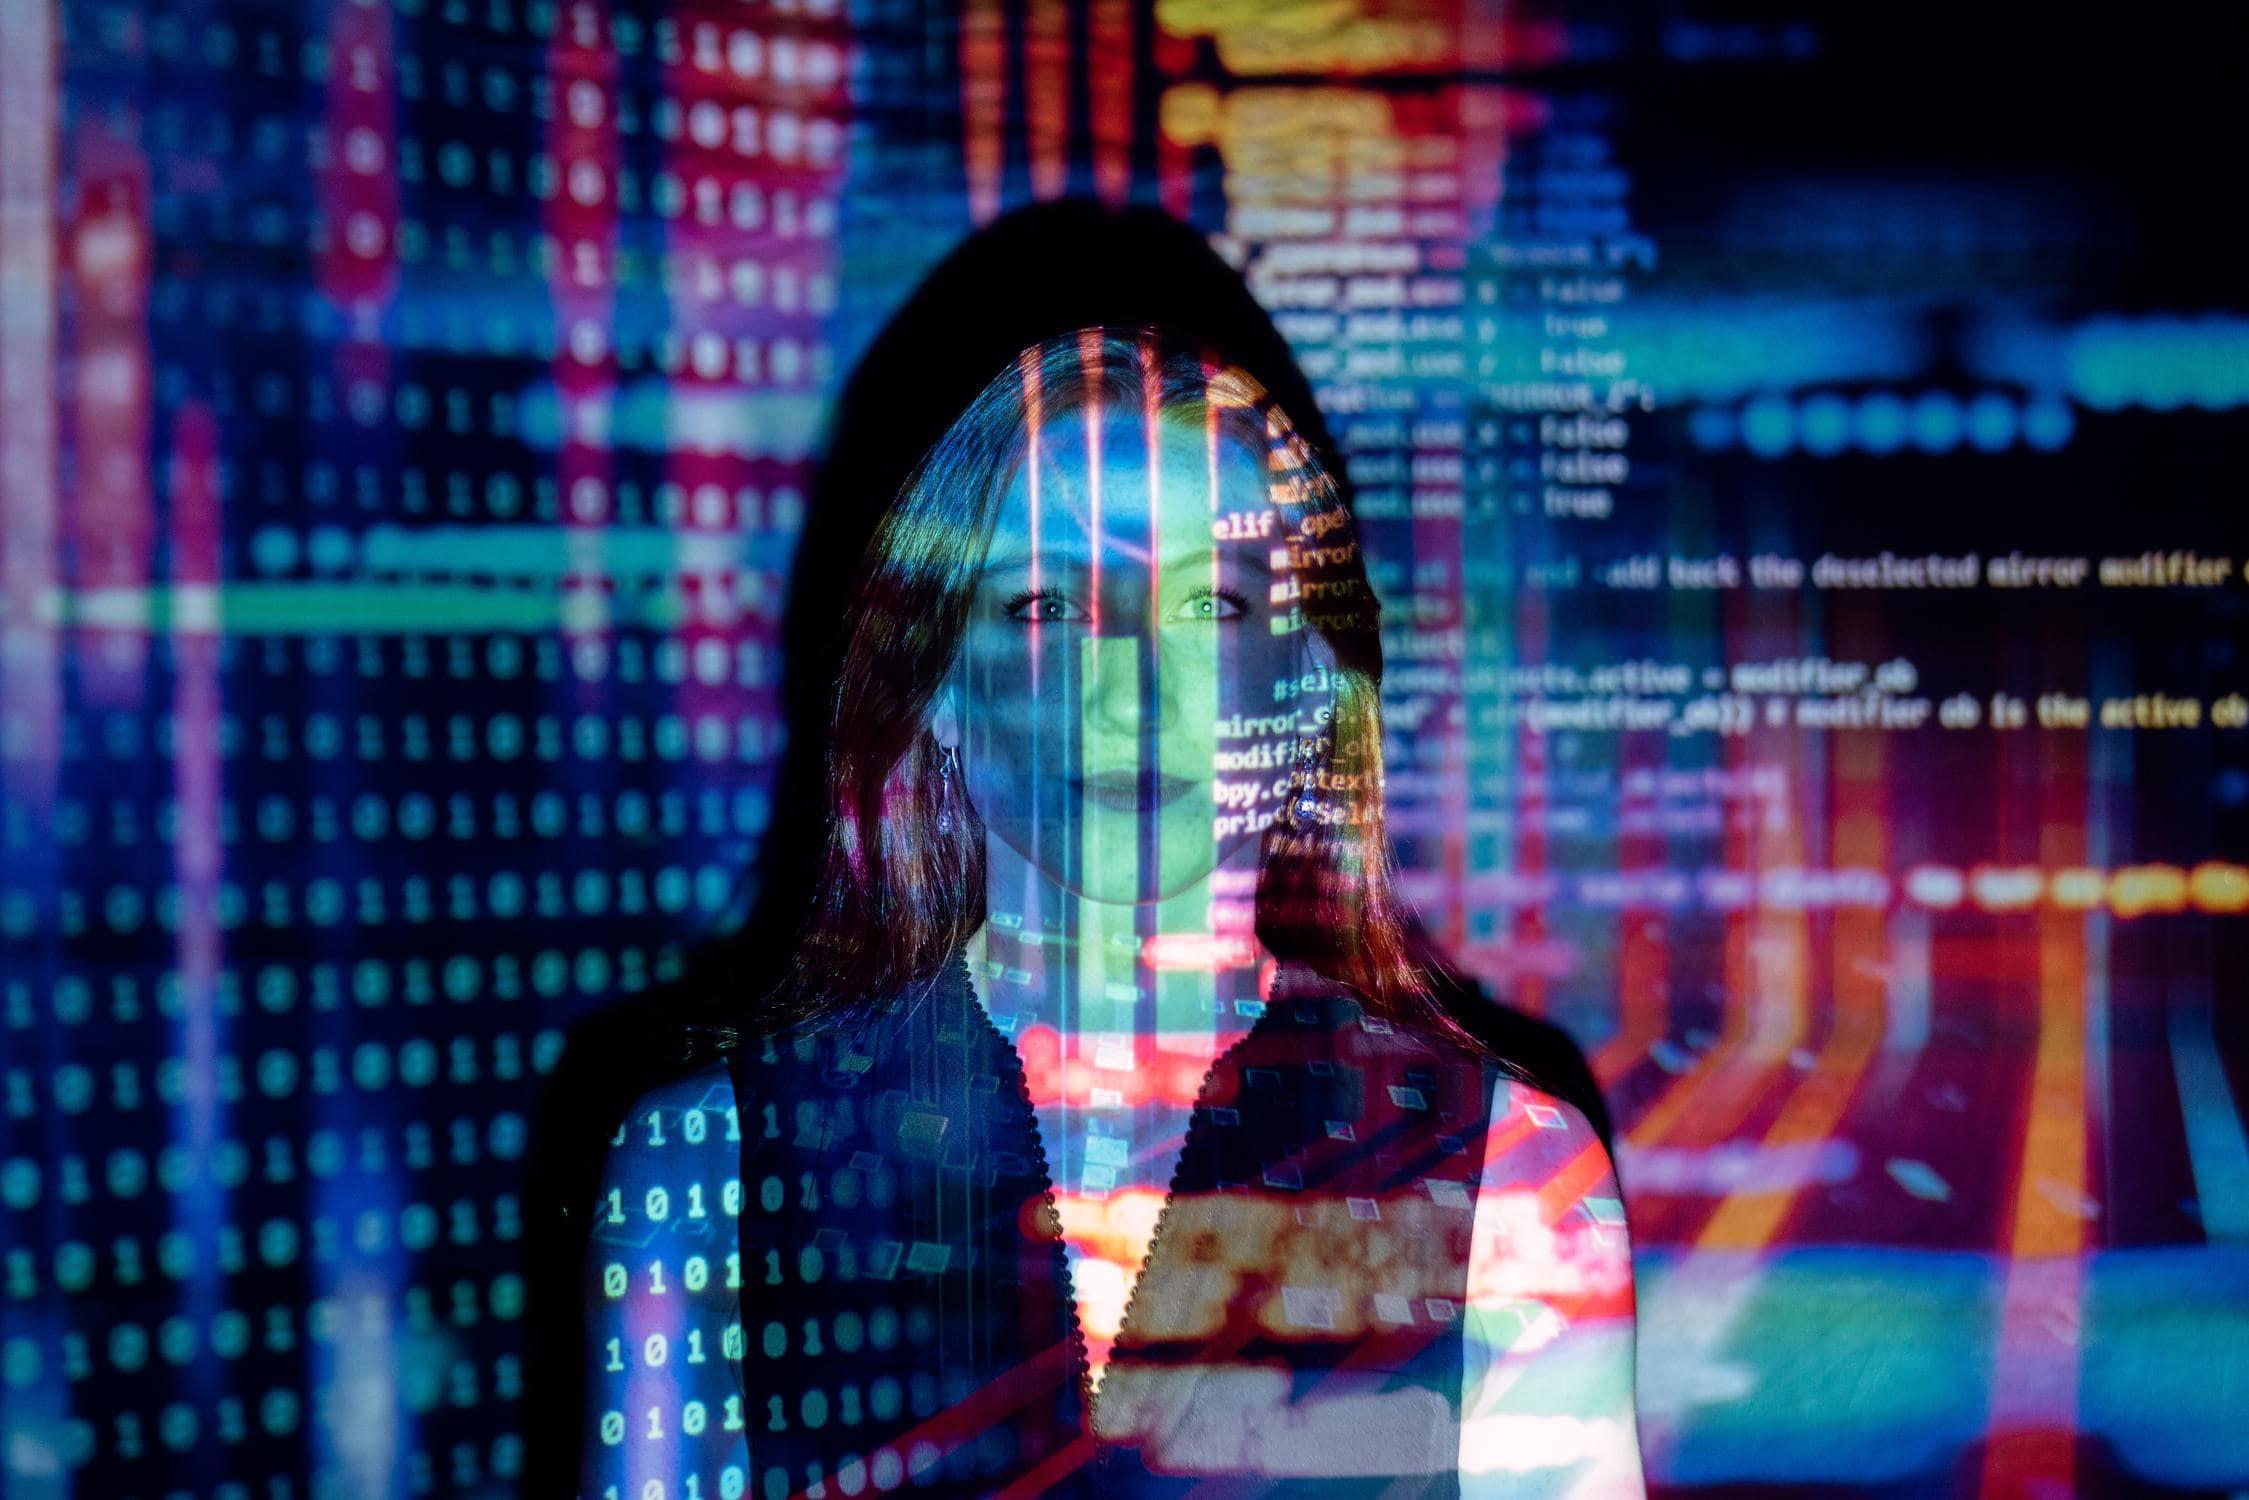 Frau zwischen Datenfeldern, was darstellt, dass man als Software Testing Engineer eine Schnittstelle ist